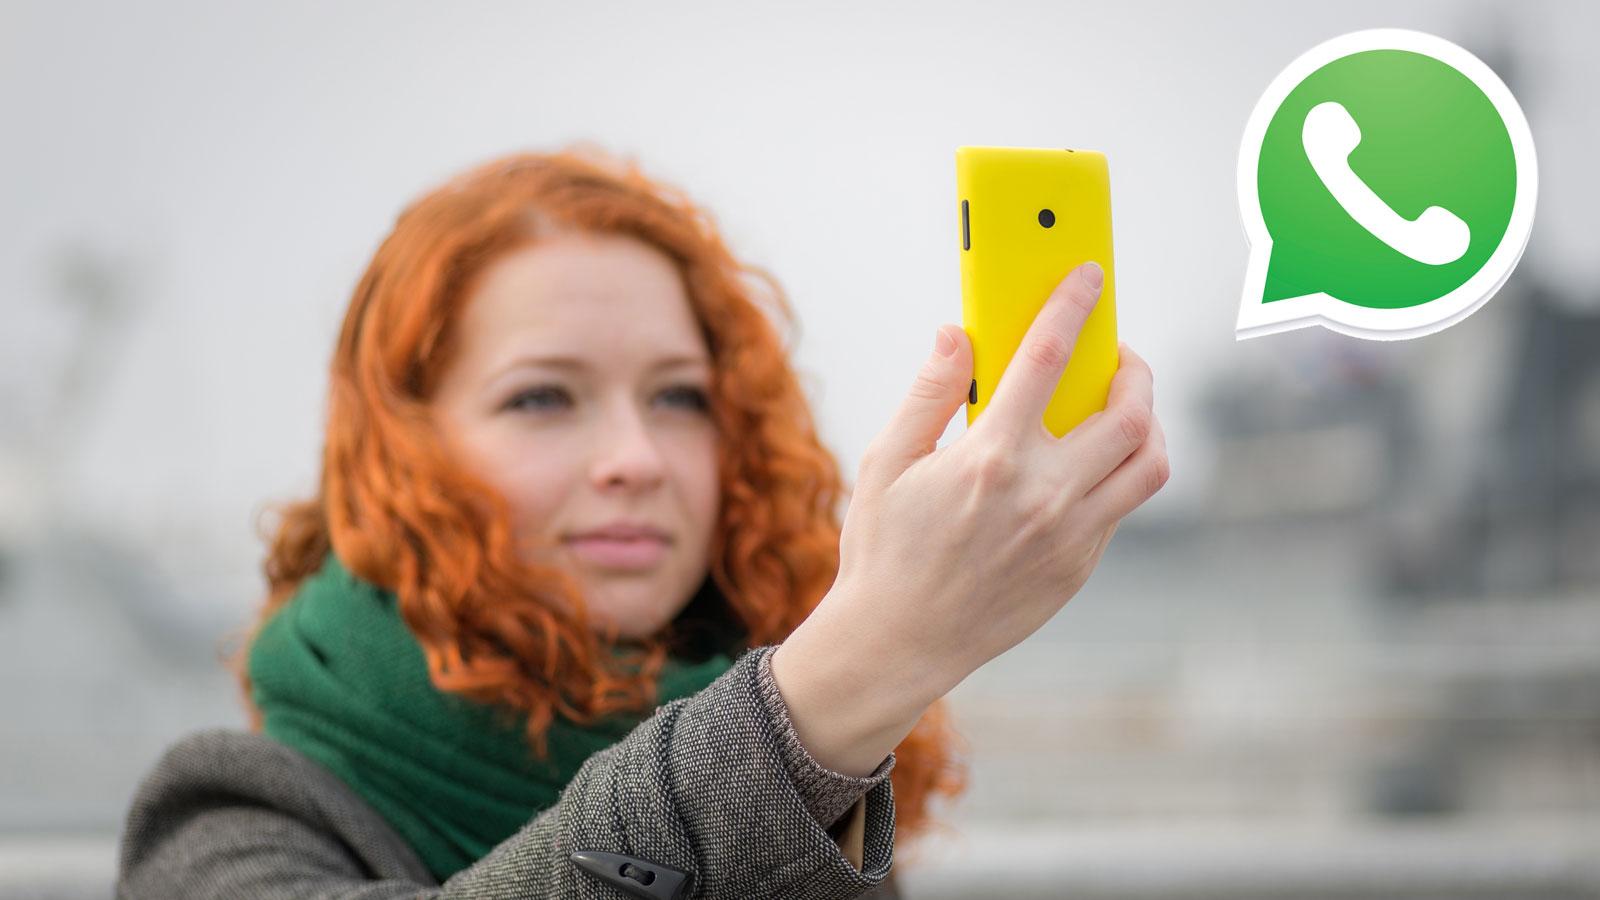 Wer mit WhatsApp chattet, kann jetzt auch Snapchat-Funktionen nutzen.